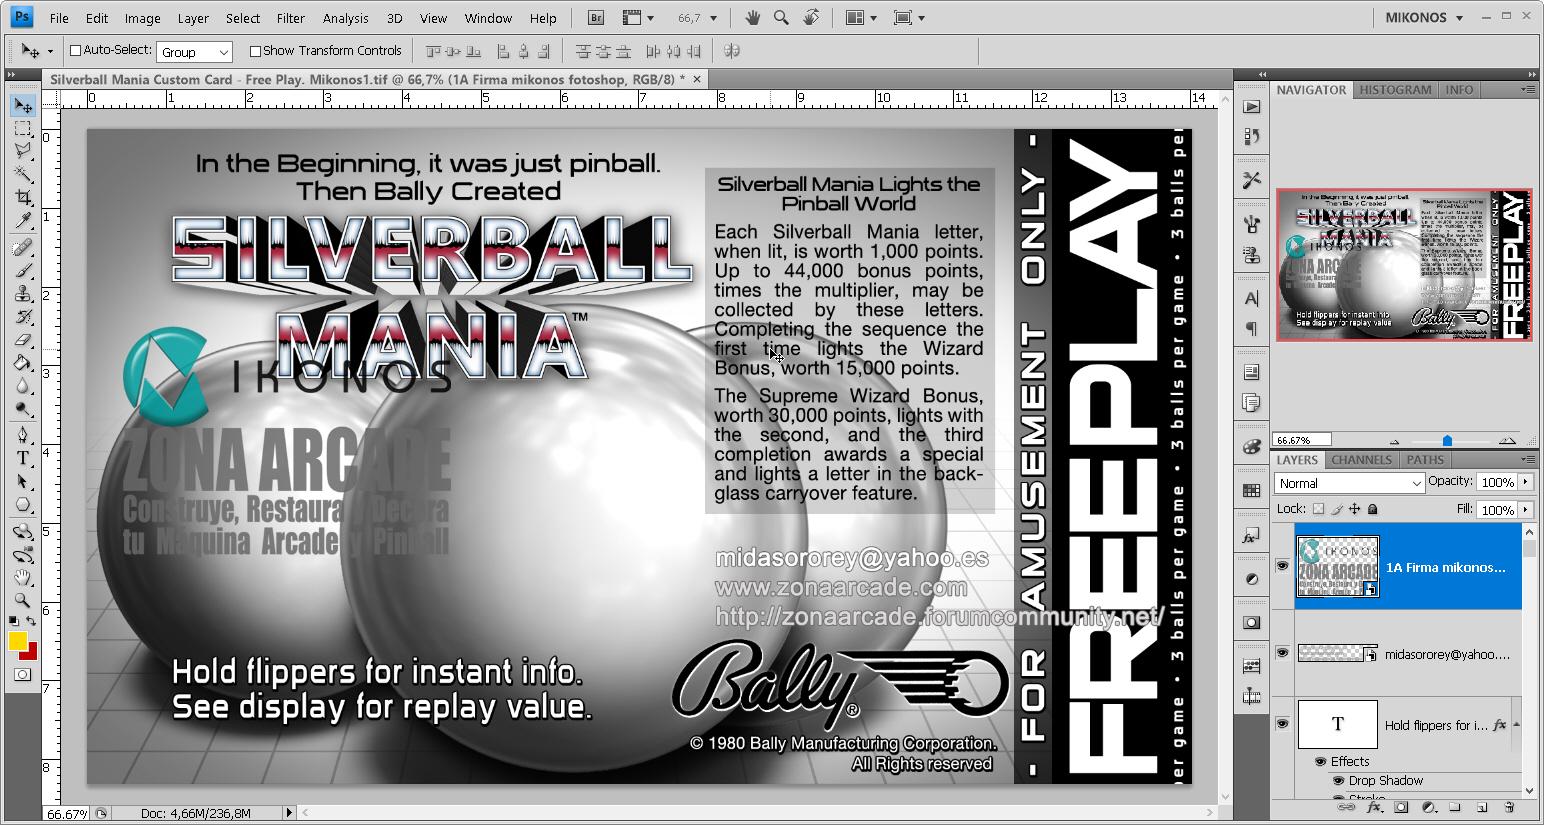 Silverball%20Mania%20Custom%20Pinball%20Card%20-%20Free%20Play.%20Mikonos1.jpg